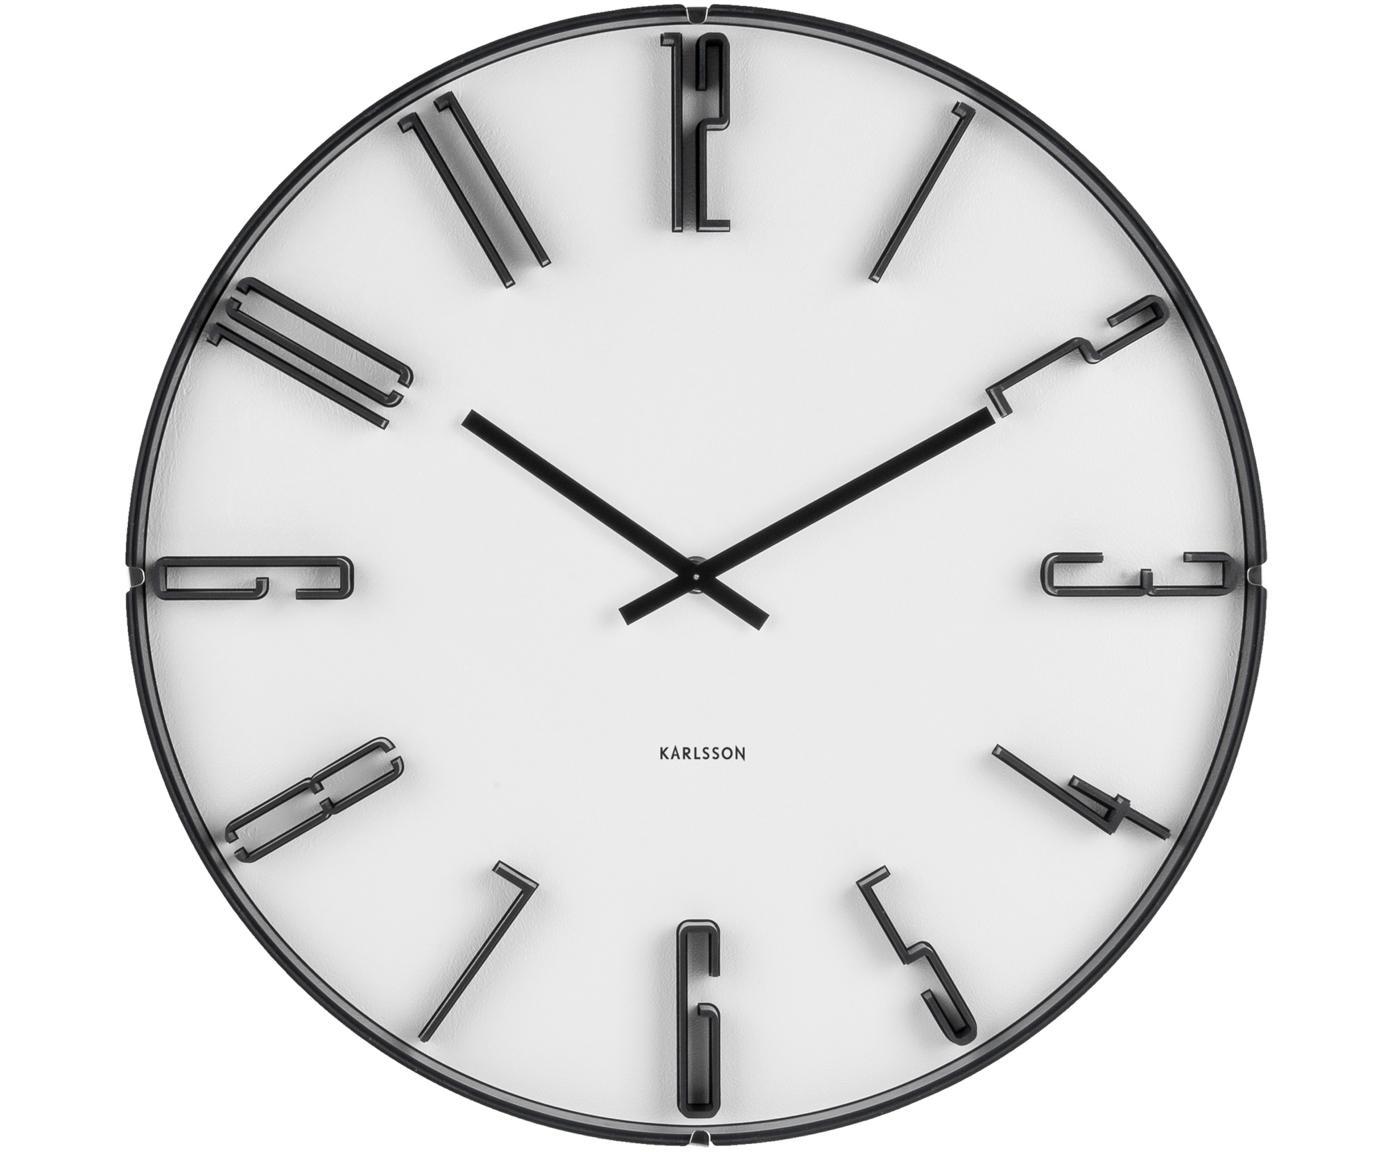 Wandklok Sentient, Kunststof, Wit, zwart, Ø 40 cm